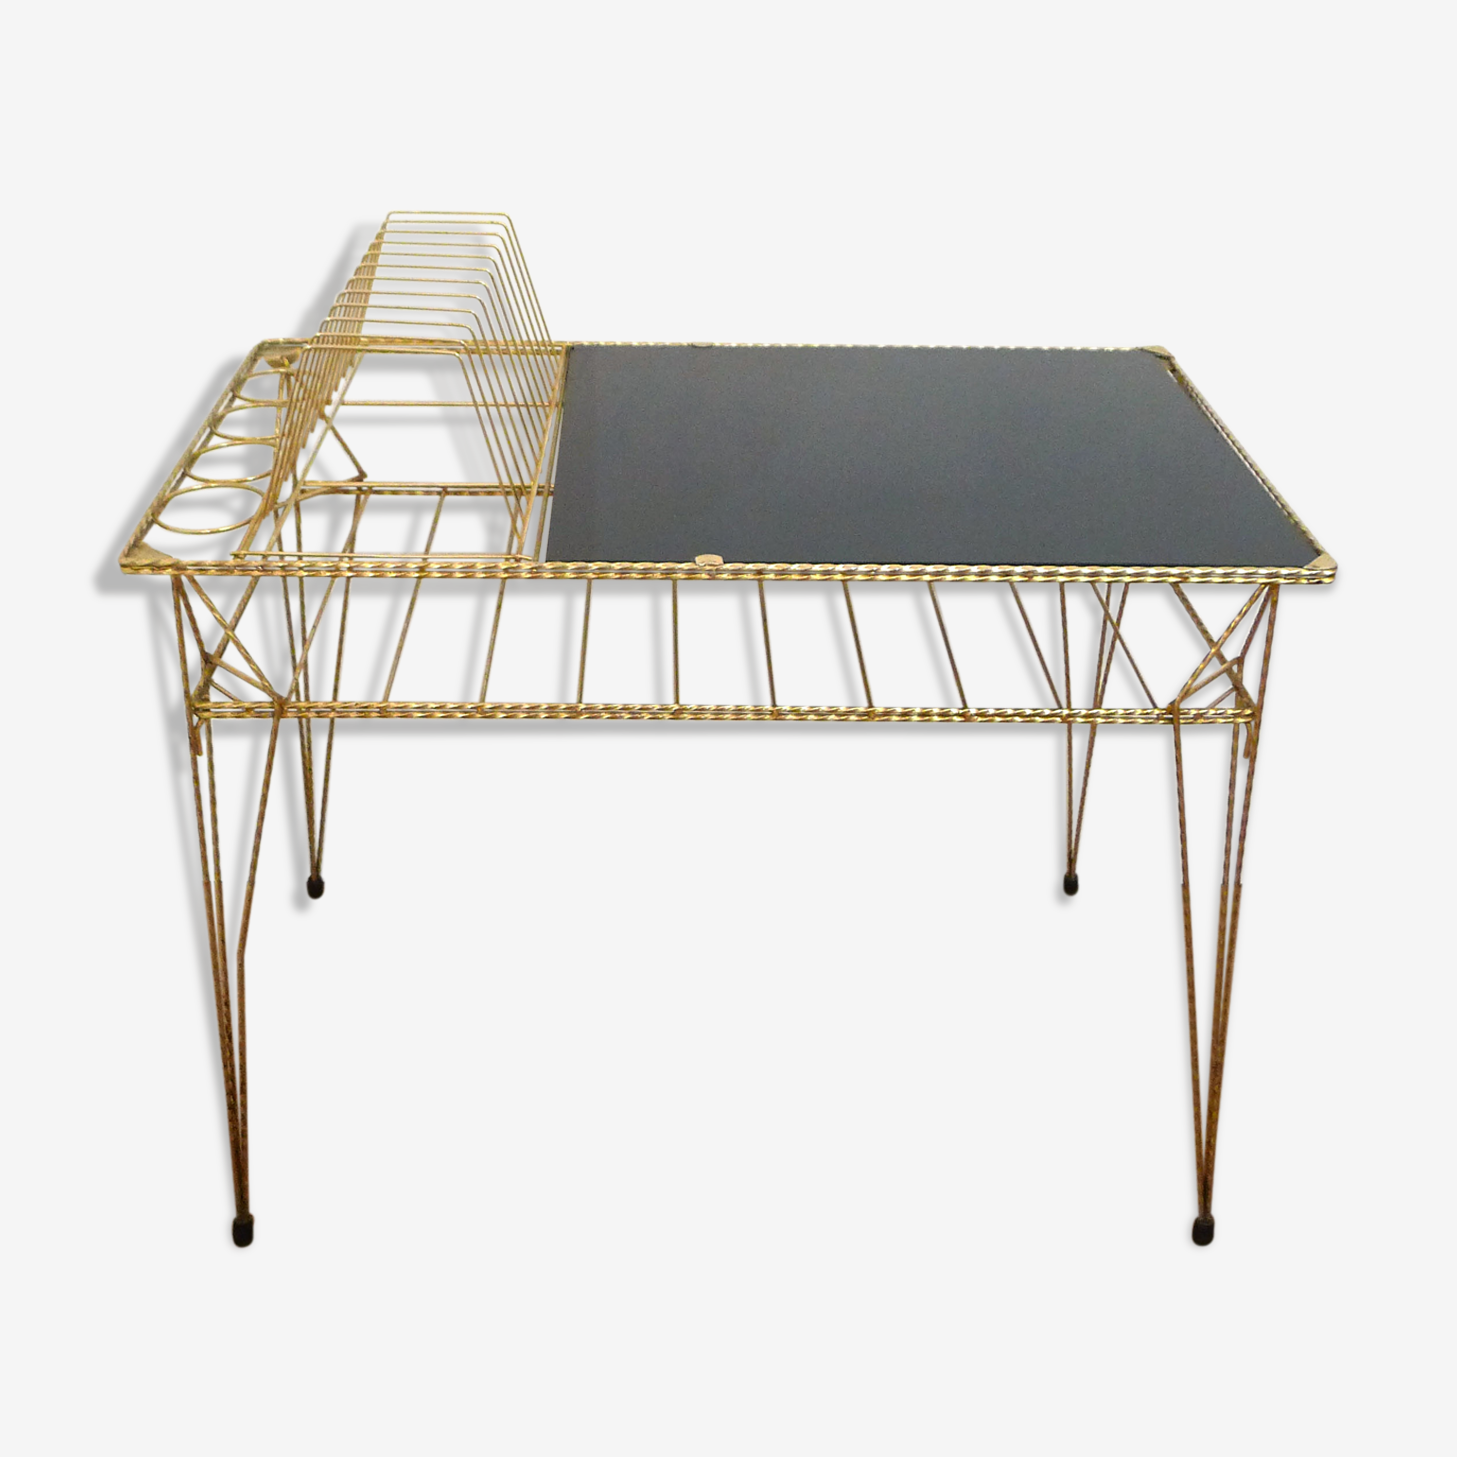 Table basse avec rangements vinyles métal doré et verre opalin noir